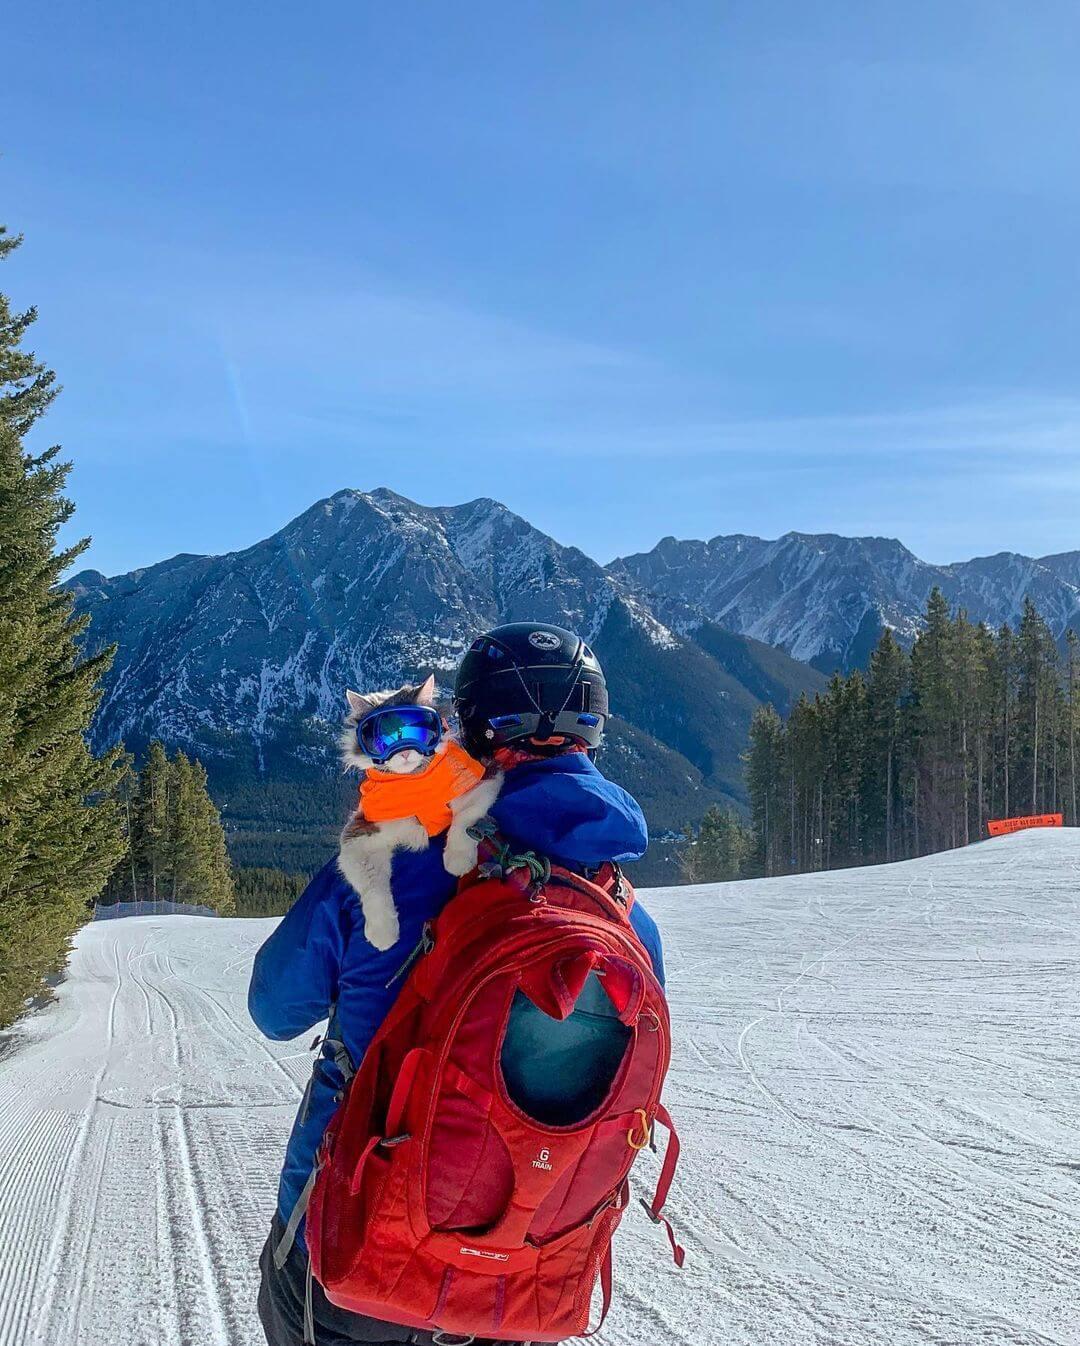 飼い主さんの肩に乗ってスキーを楽しむ猫のゲイリーくん in カナダ キャンモア